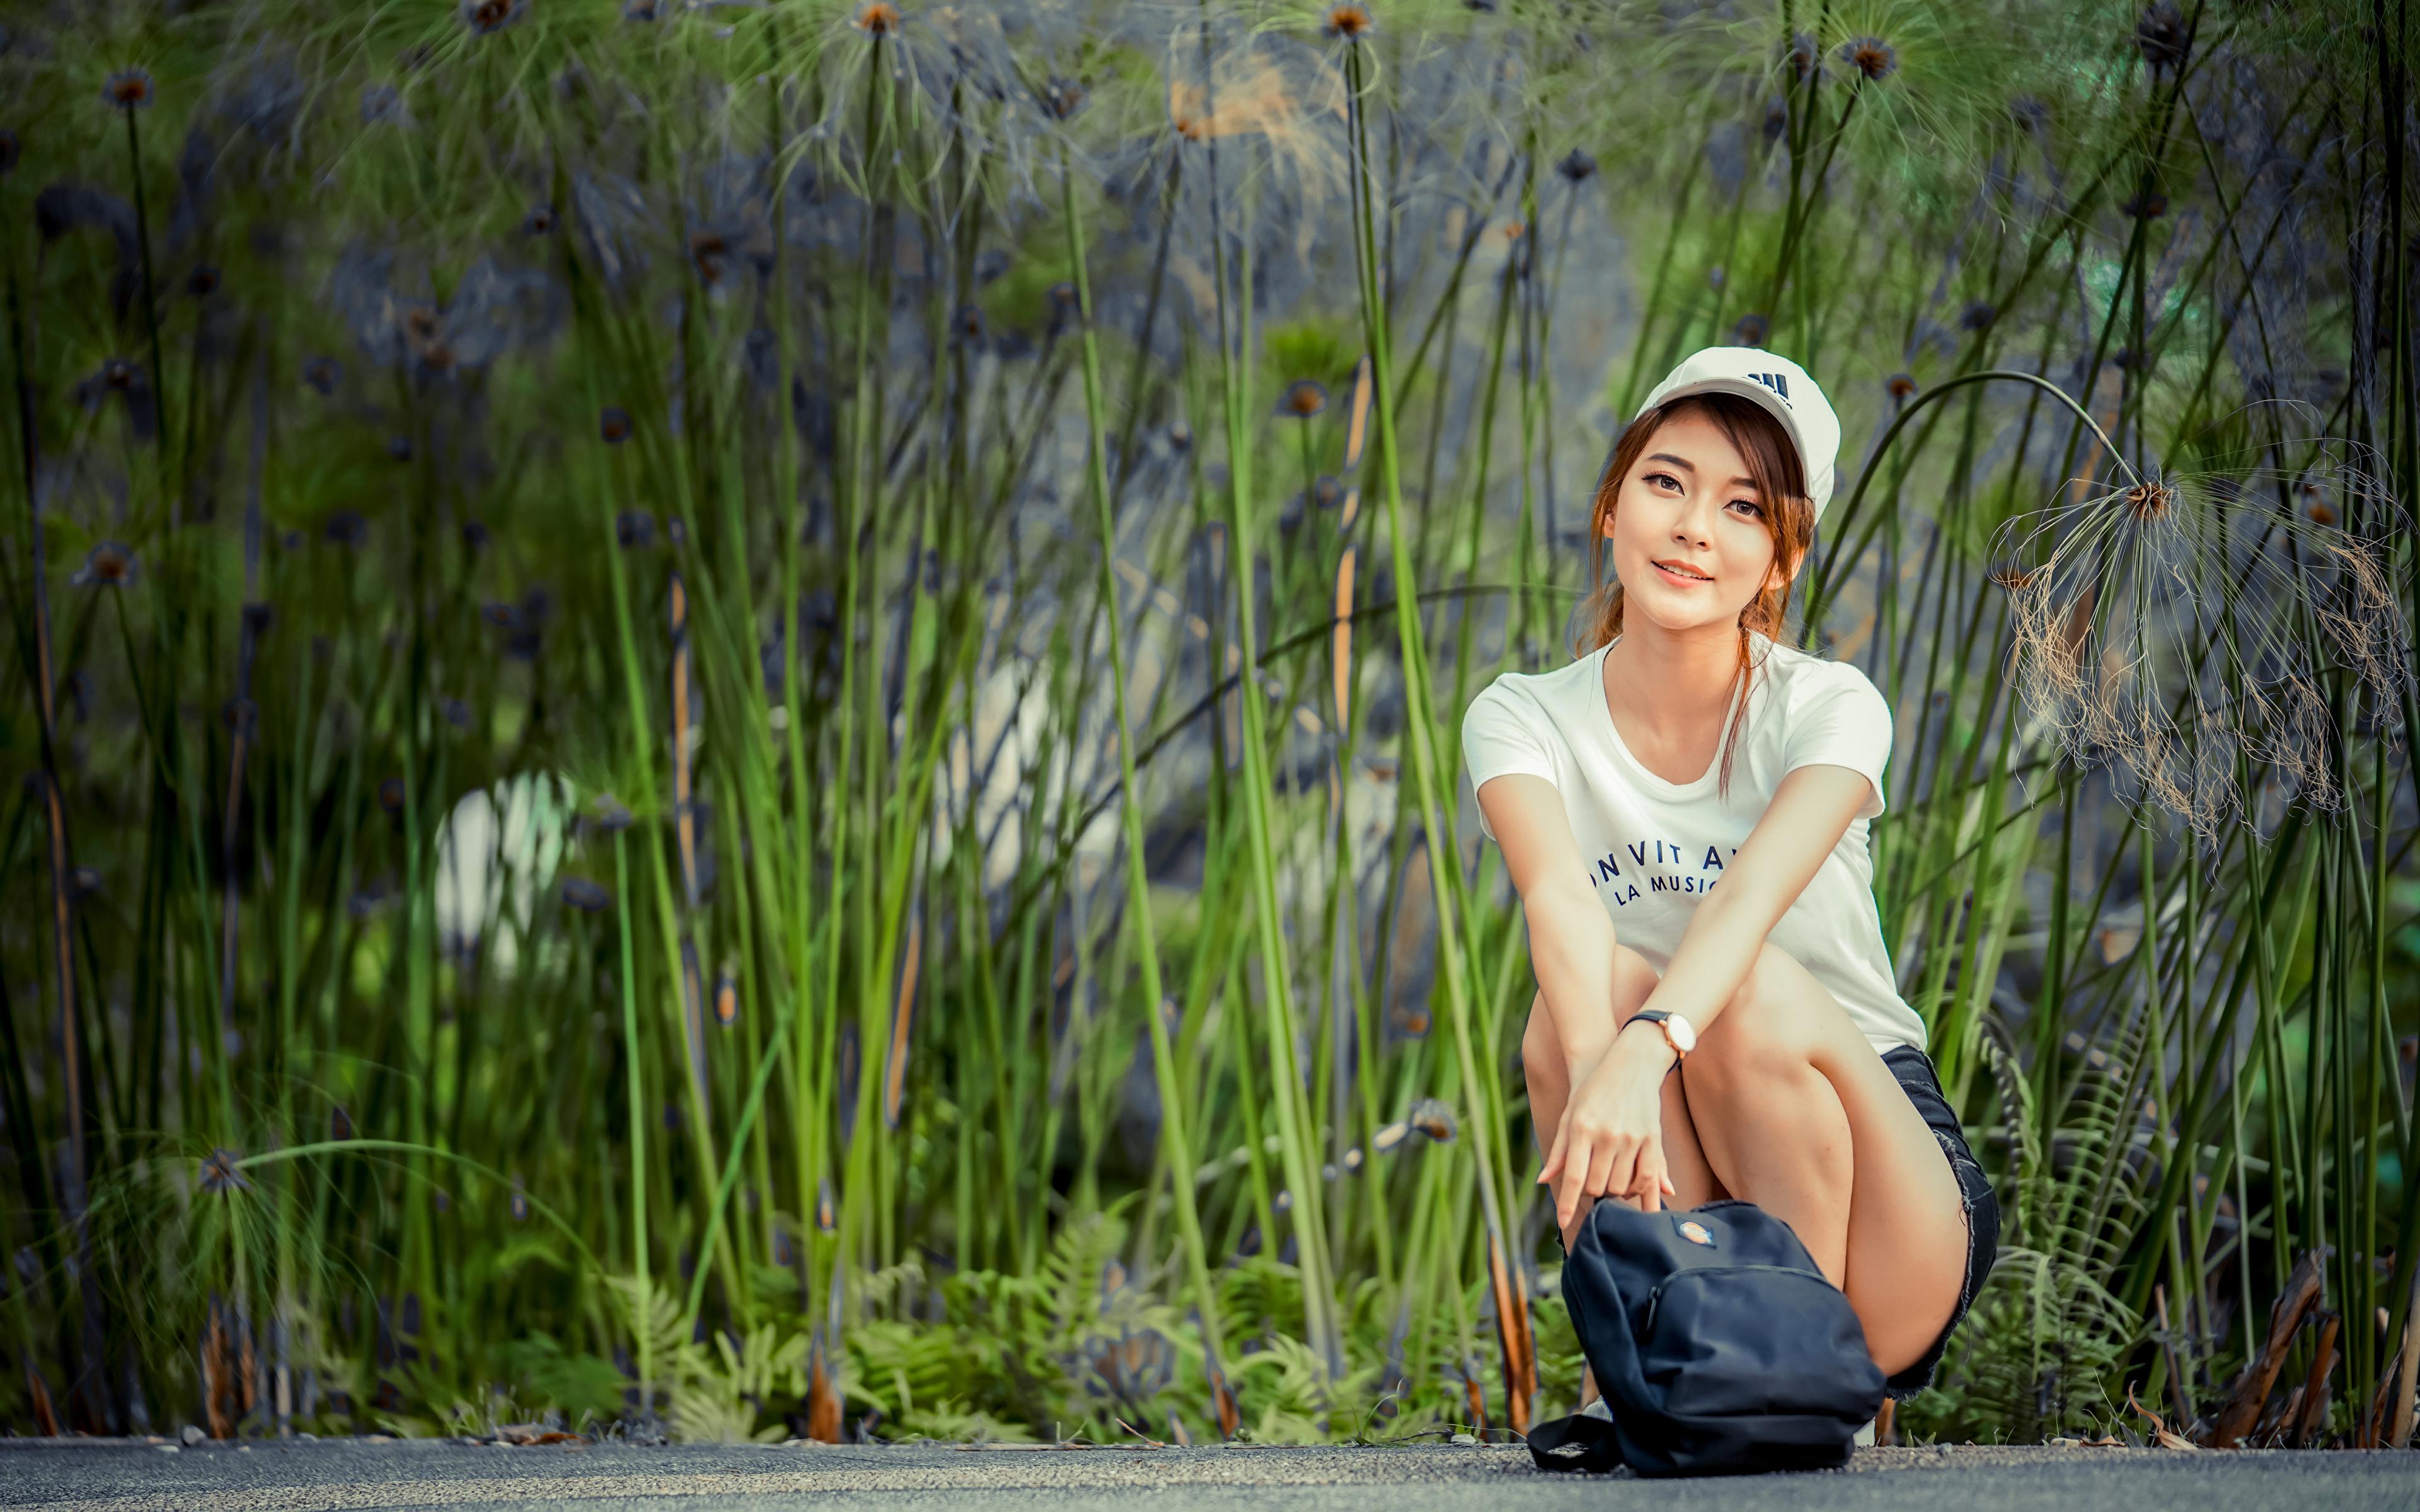 Fotos von Lächeln T-Shirt junge frau asiatisches sitzen Handtasche Blick baseballkappe 3840x2400 Mädchens junge Frauen Asiaten Asiatische sitzt Sitzend Starren Baseballcap baseballmütze